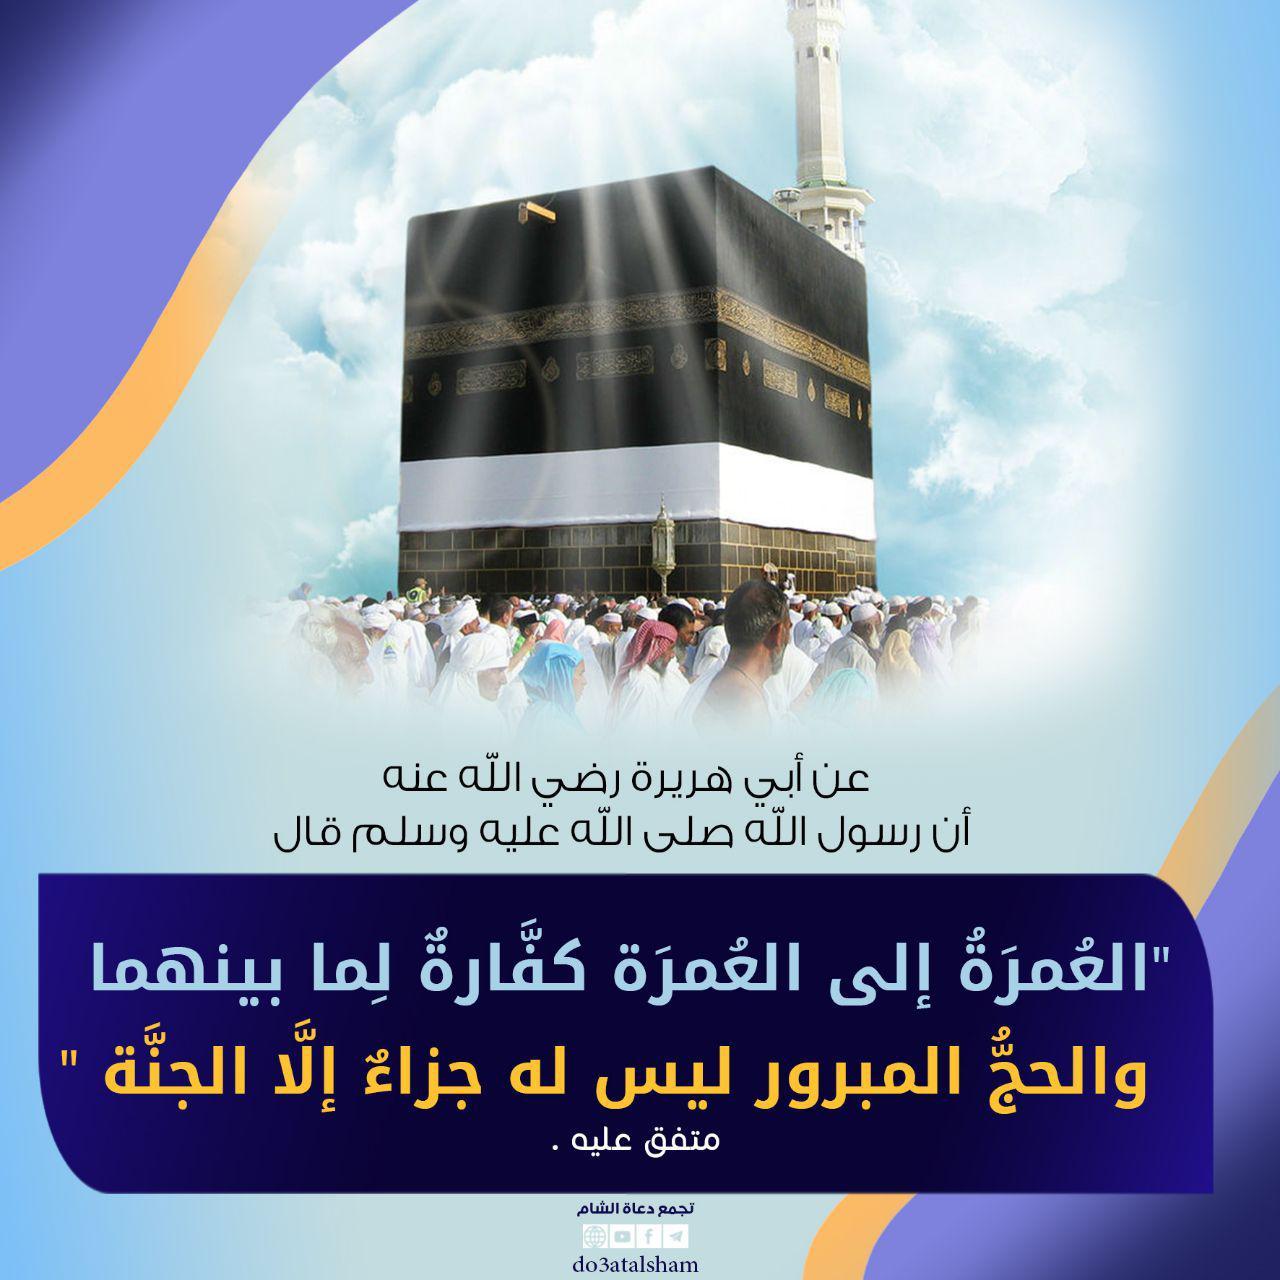 العمرة إلى العمرة كفارة لما بينهما والحج المبرور ليس له جزاء إلا الجنة تجمع دعاة الشام